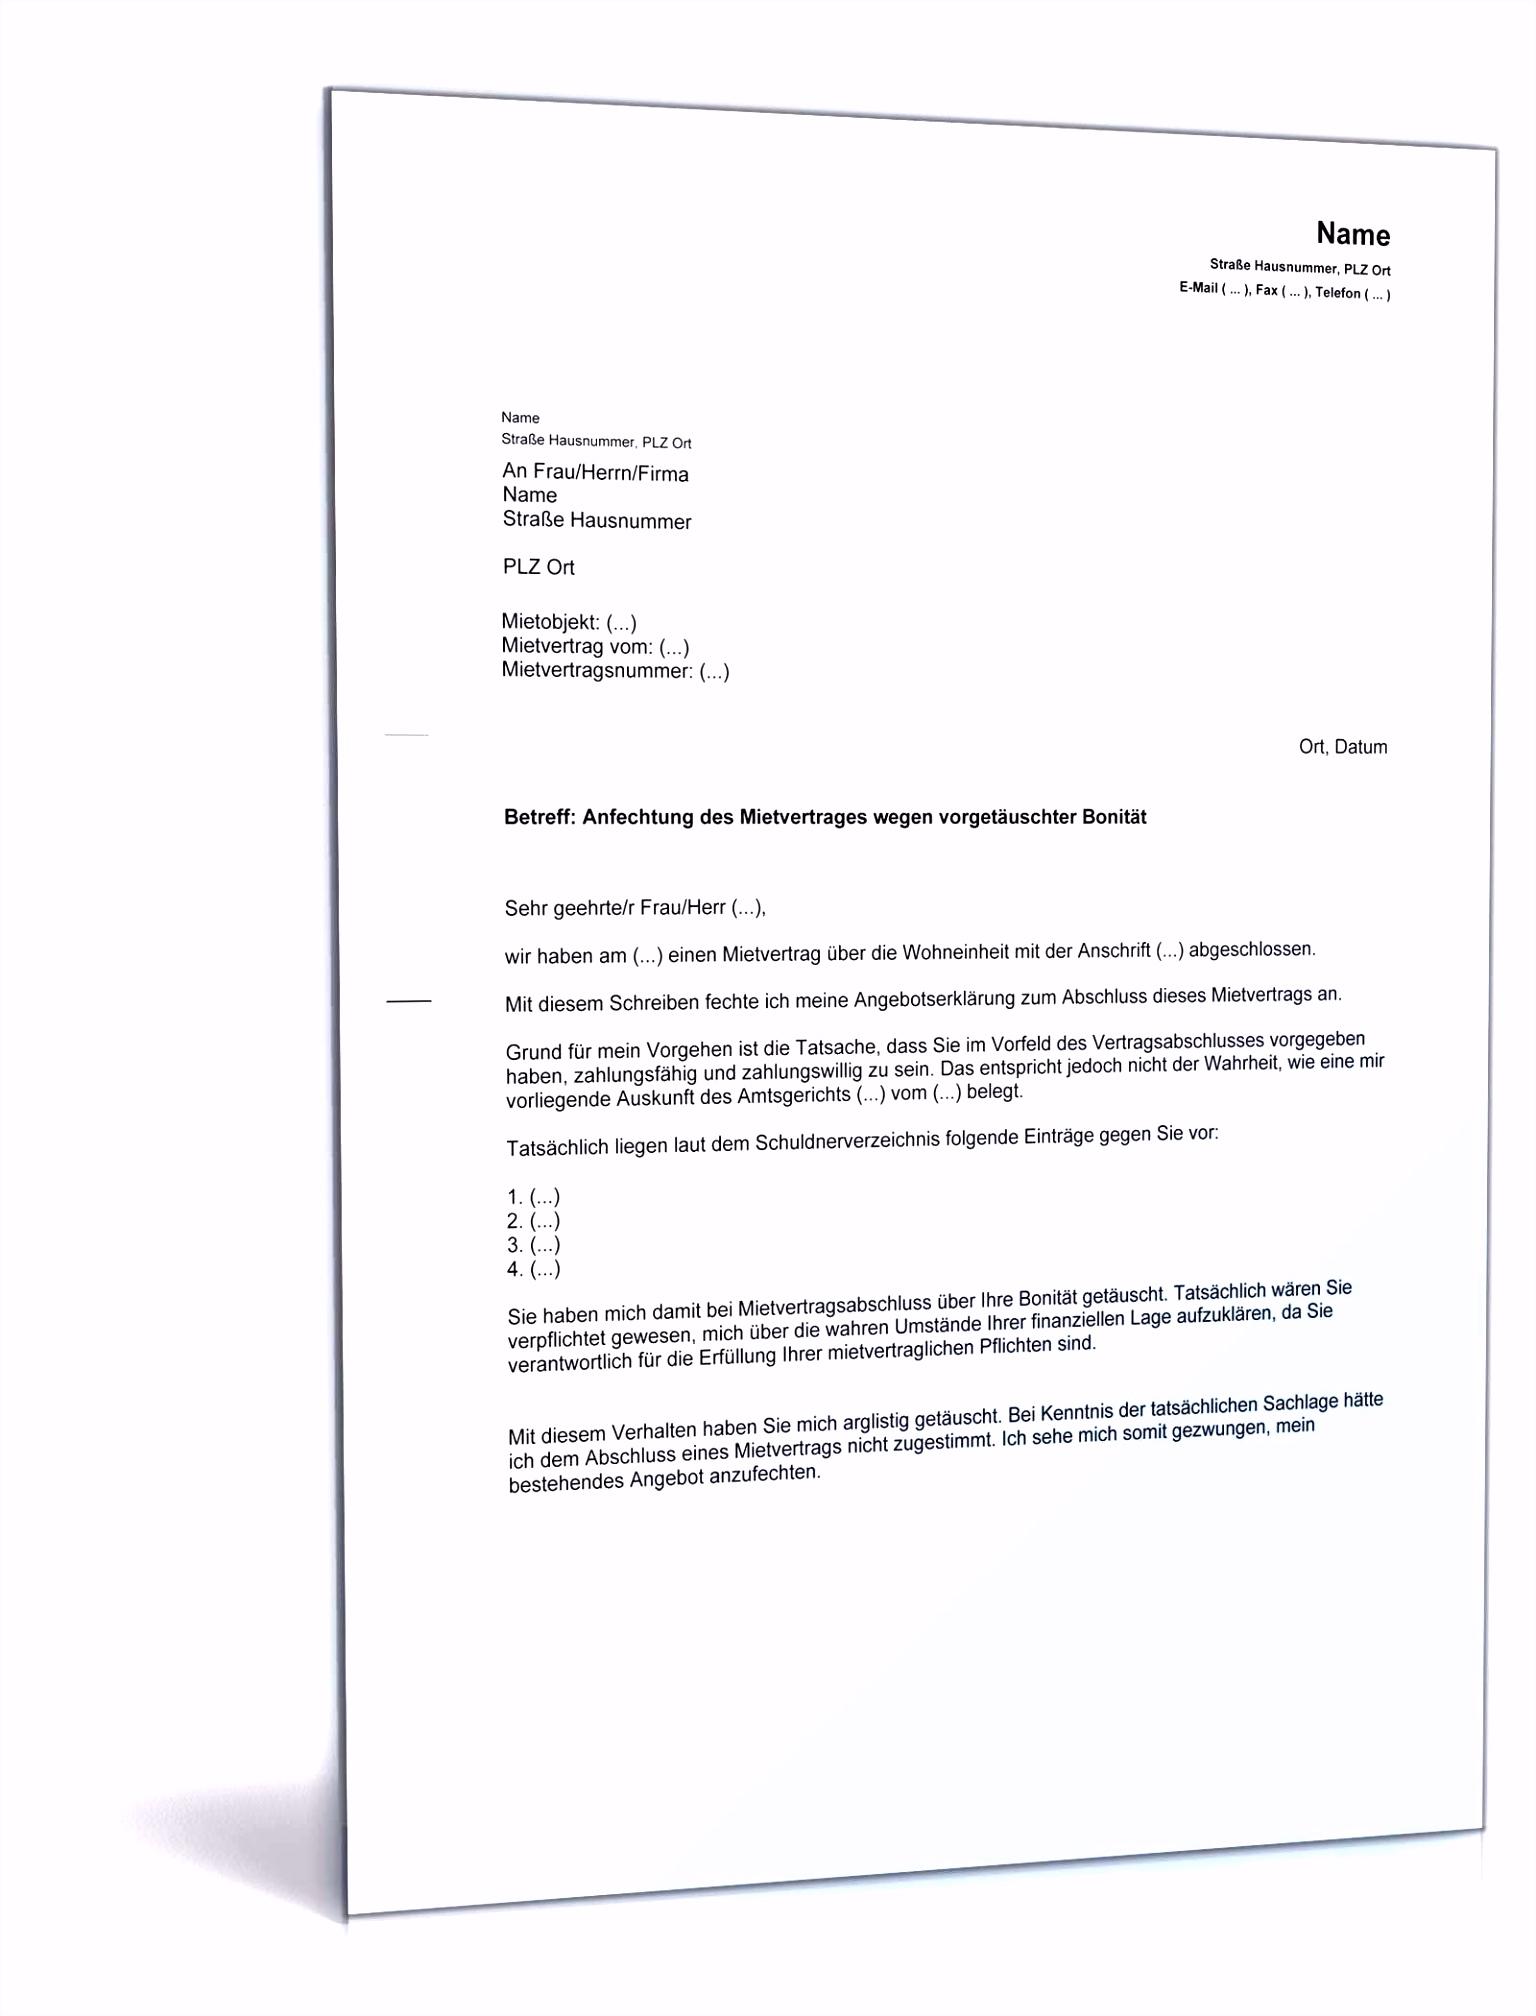 Kabel Bw Kundigen Umzug Vorlage Kabel Deutschland Kündigung Fax Inspiration Die Erstaunliche T5xv78pwi8 X5iehugdku